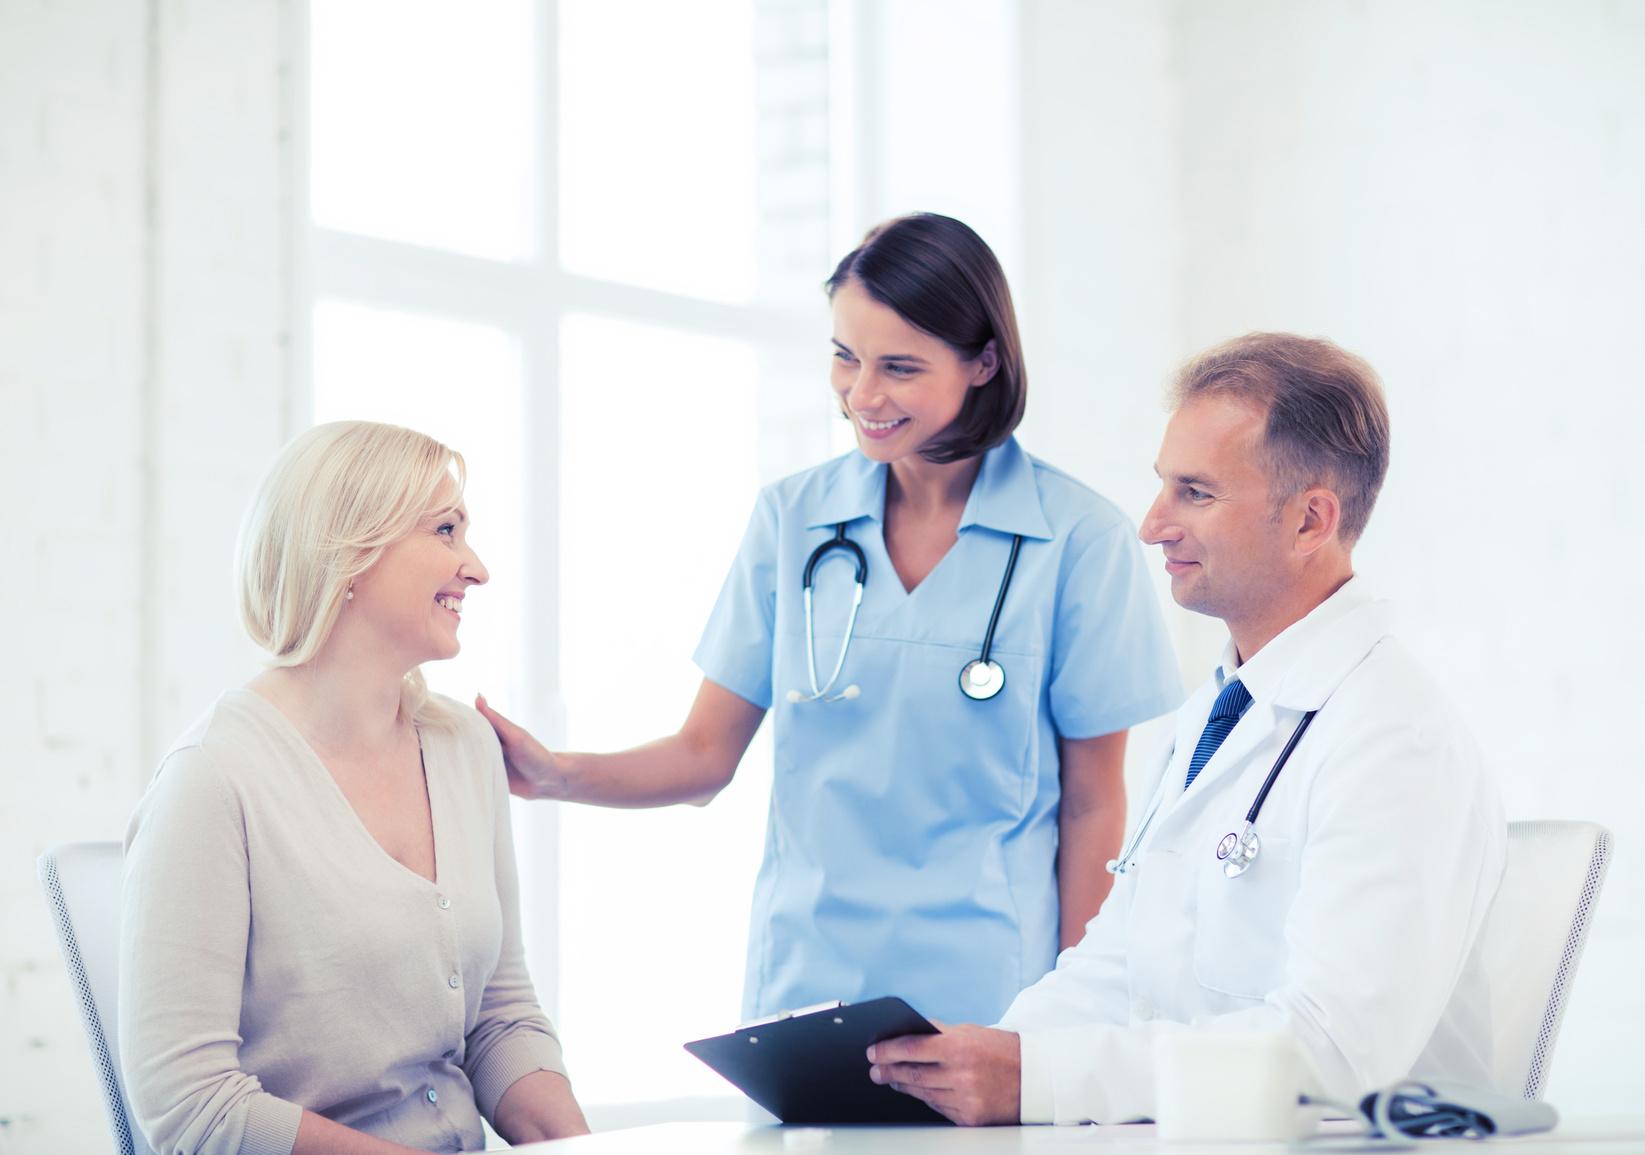 卵巣がんを早期発見するための検査と治療法